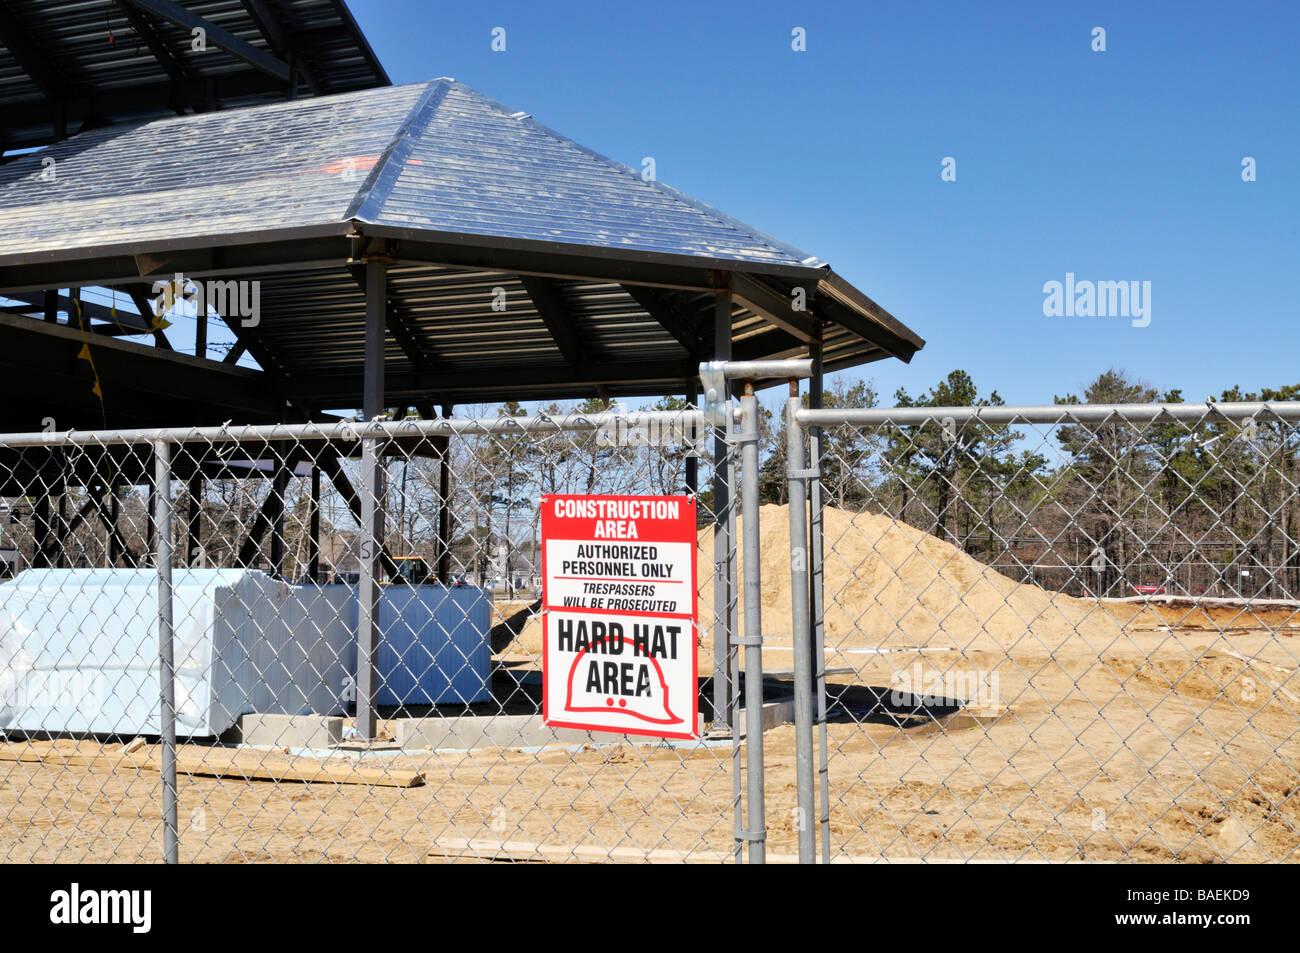 Baustelle] mit Metall Rahmen Gebäude [Maschendrahtzaun] und [Zeichen ...